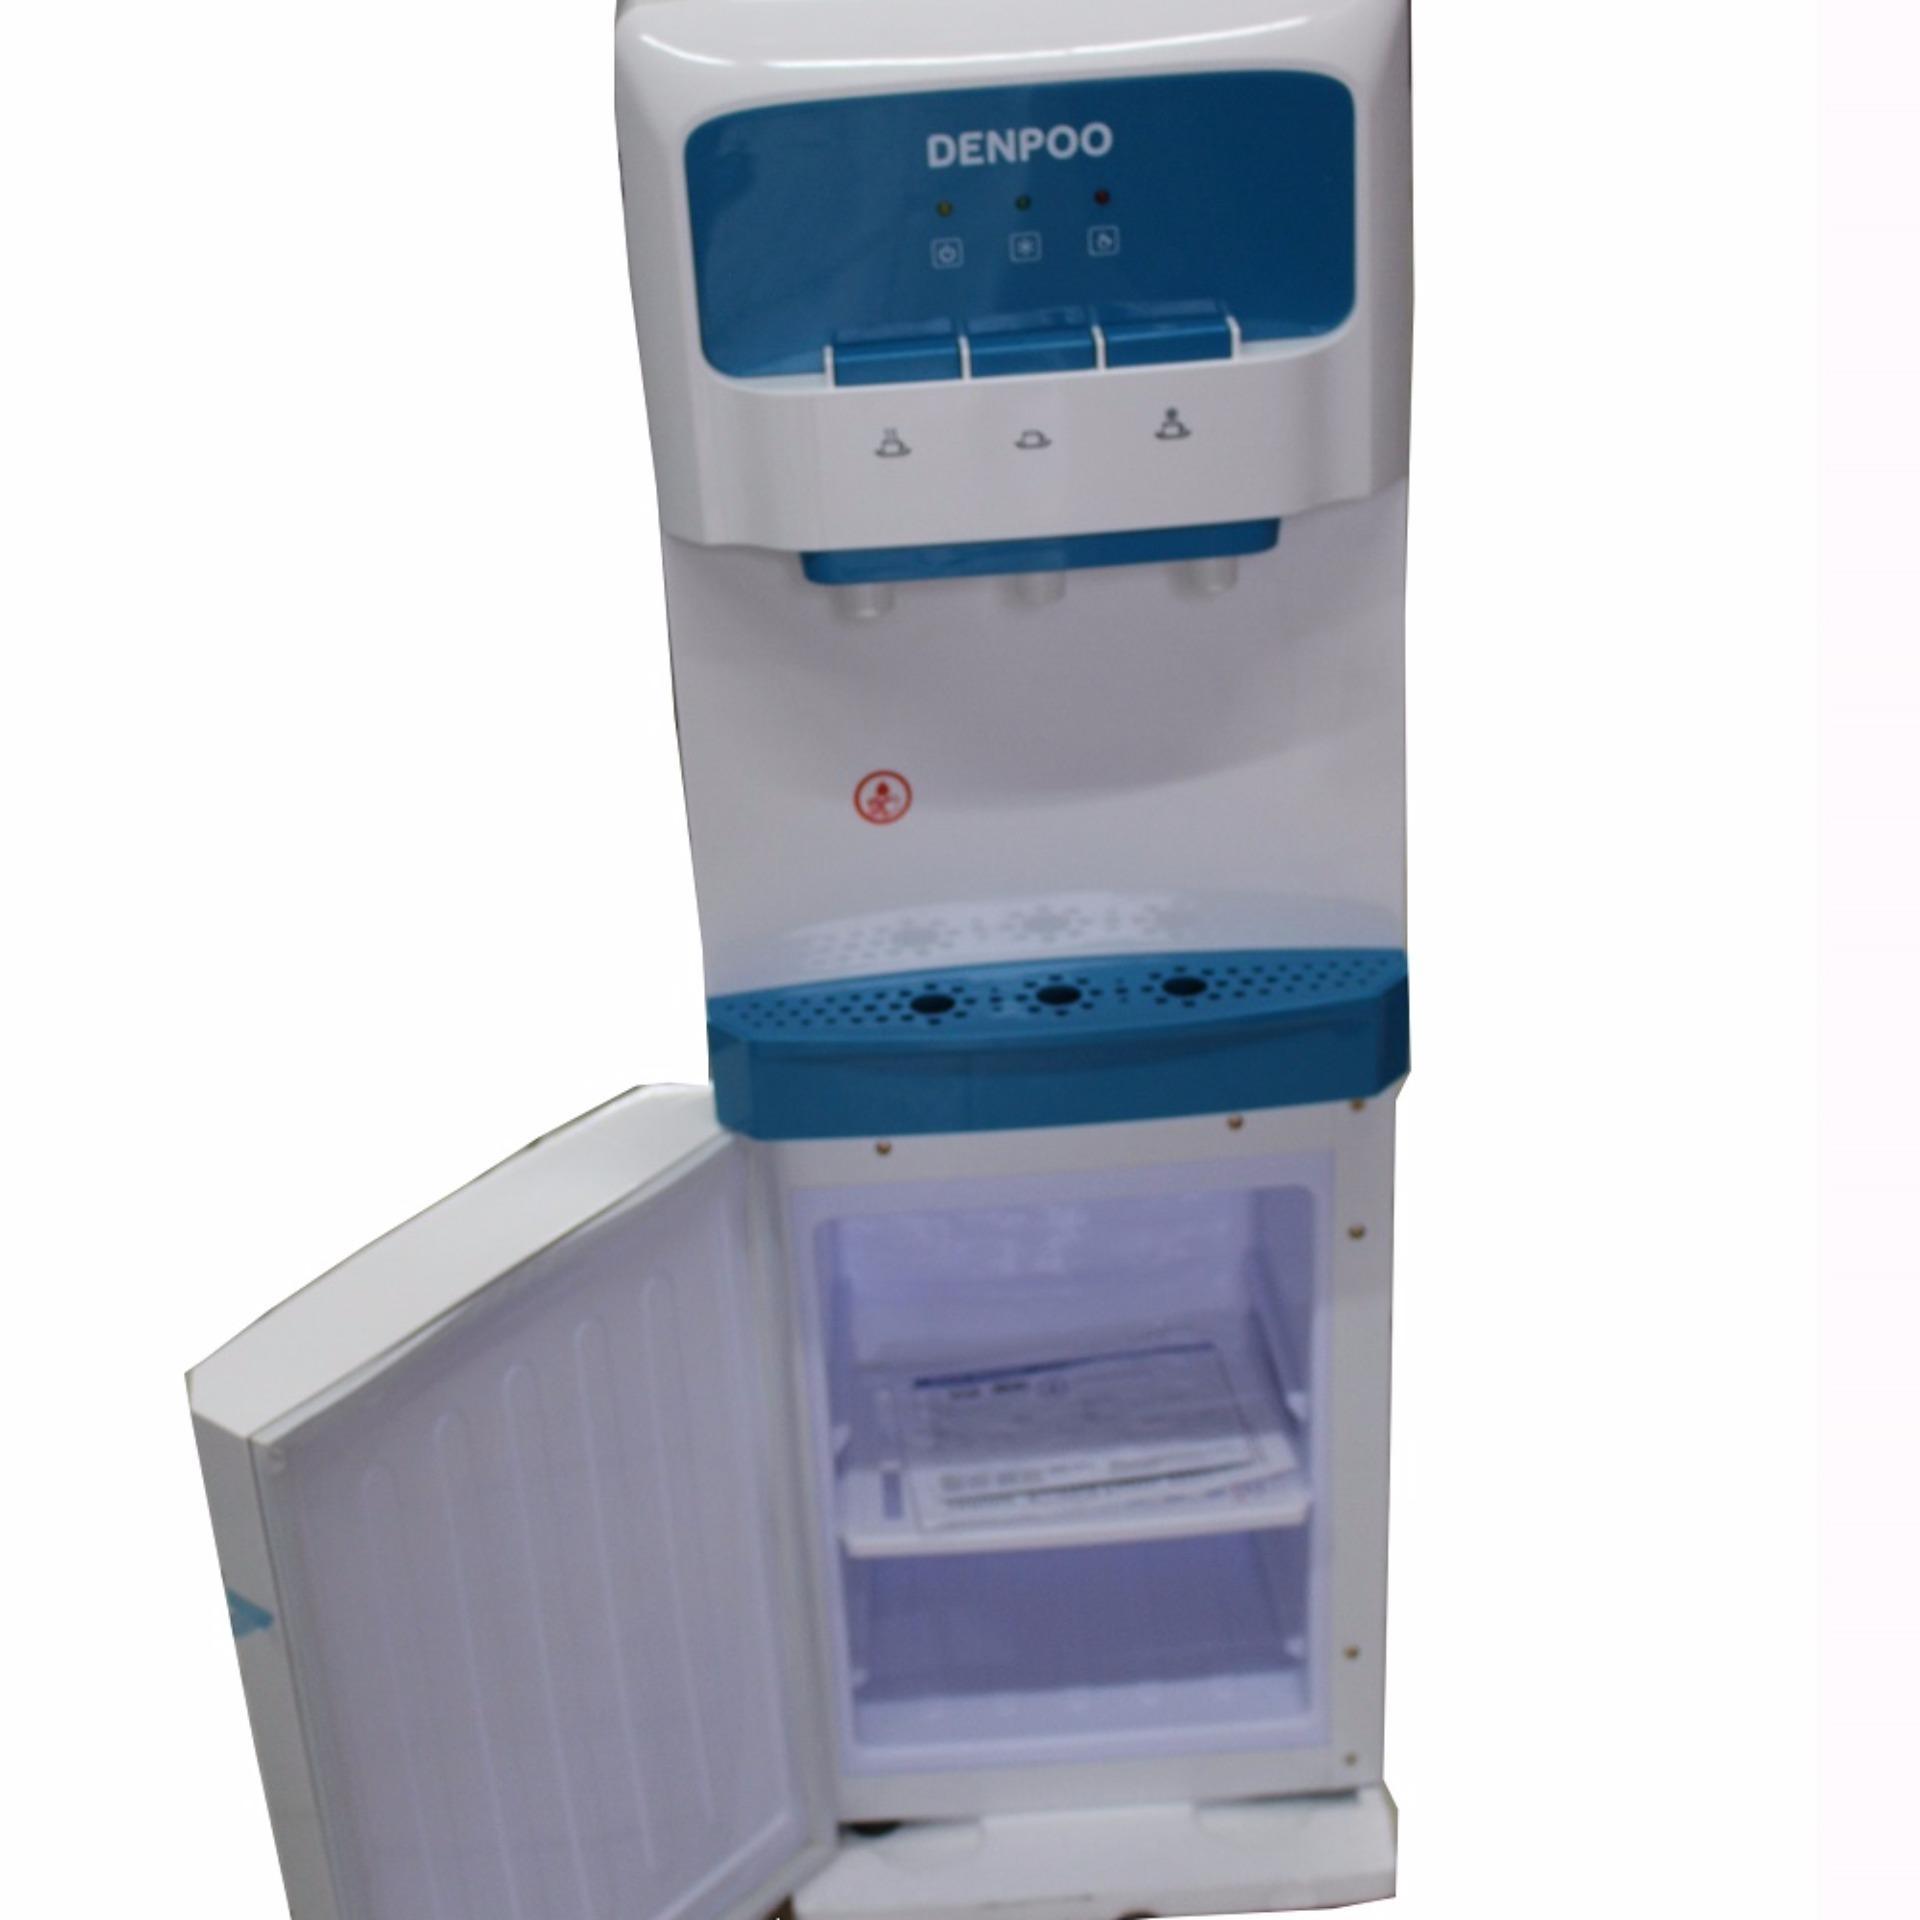 Denpoo DDK-205 Penso Dispenser Air Galon Atas 3 Kran (Kompresor) -KHUSUS